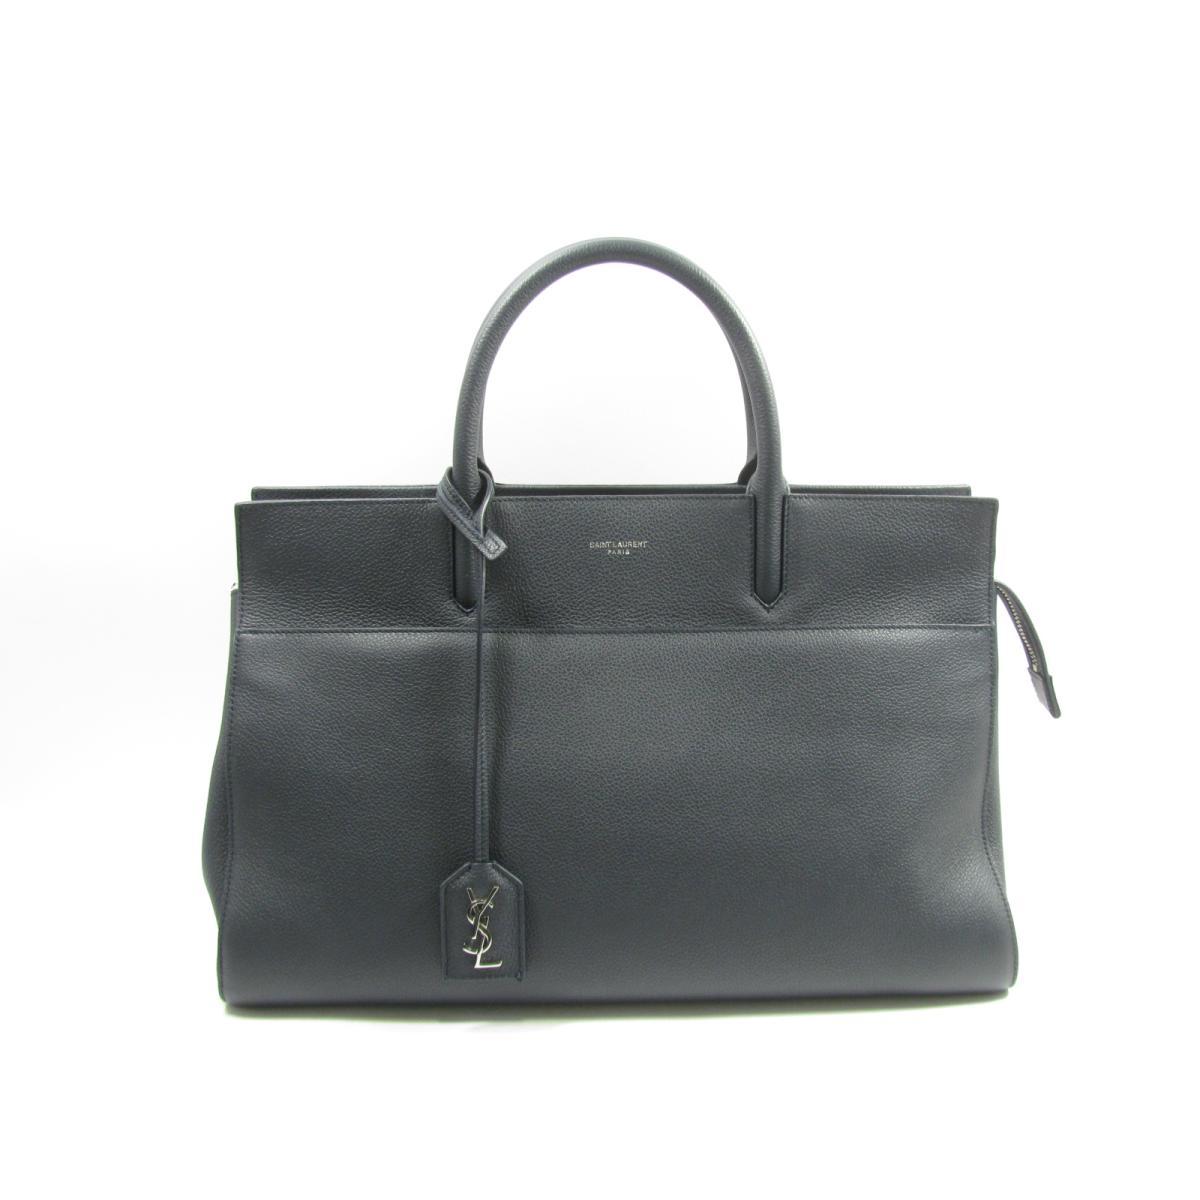 Authentic Yves Saint Laurent Rive Gauche Cabas Tote Shoulder Bag 448967 Leather Calf Navy